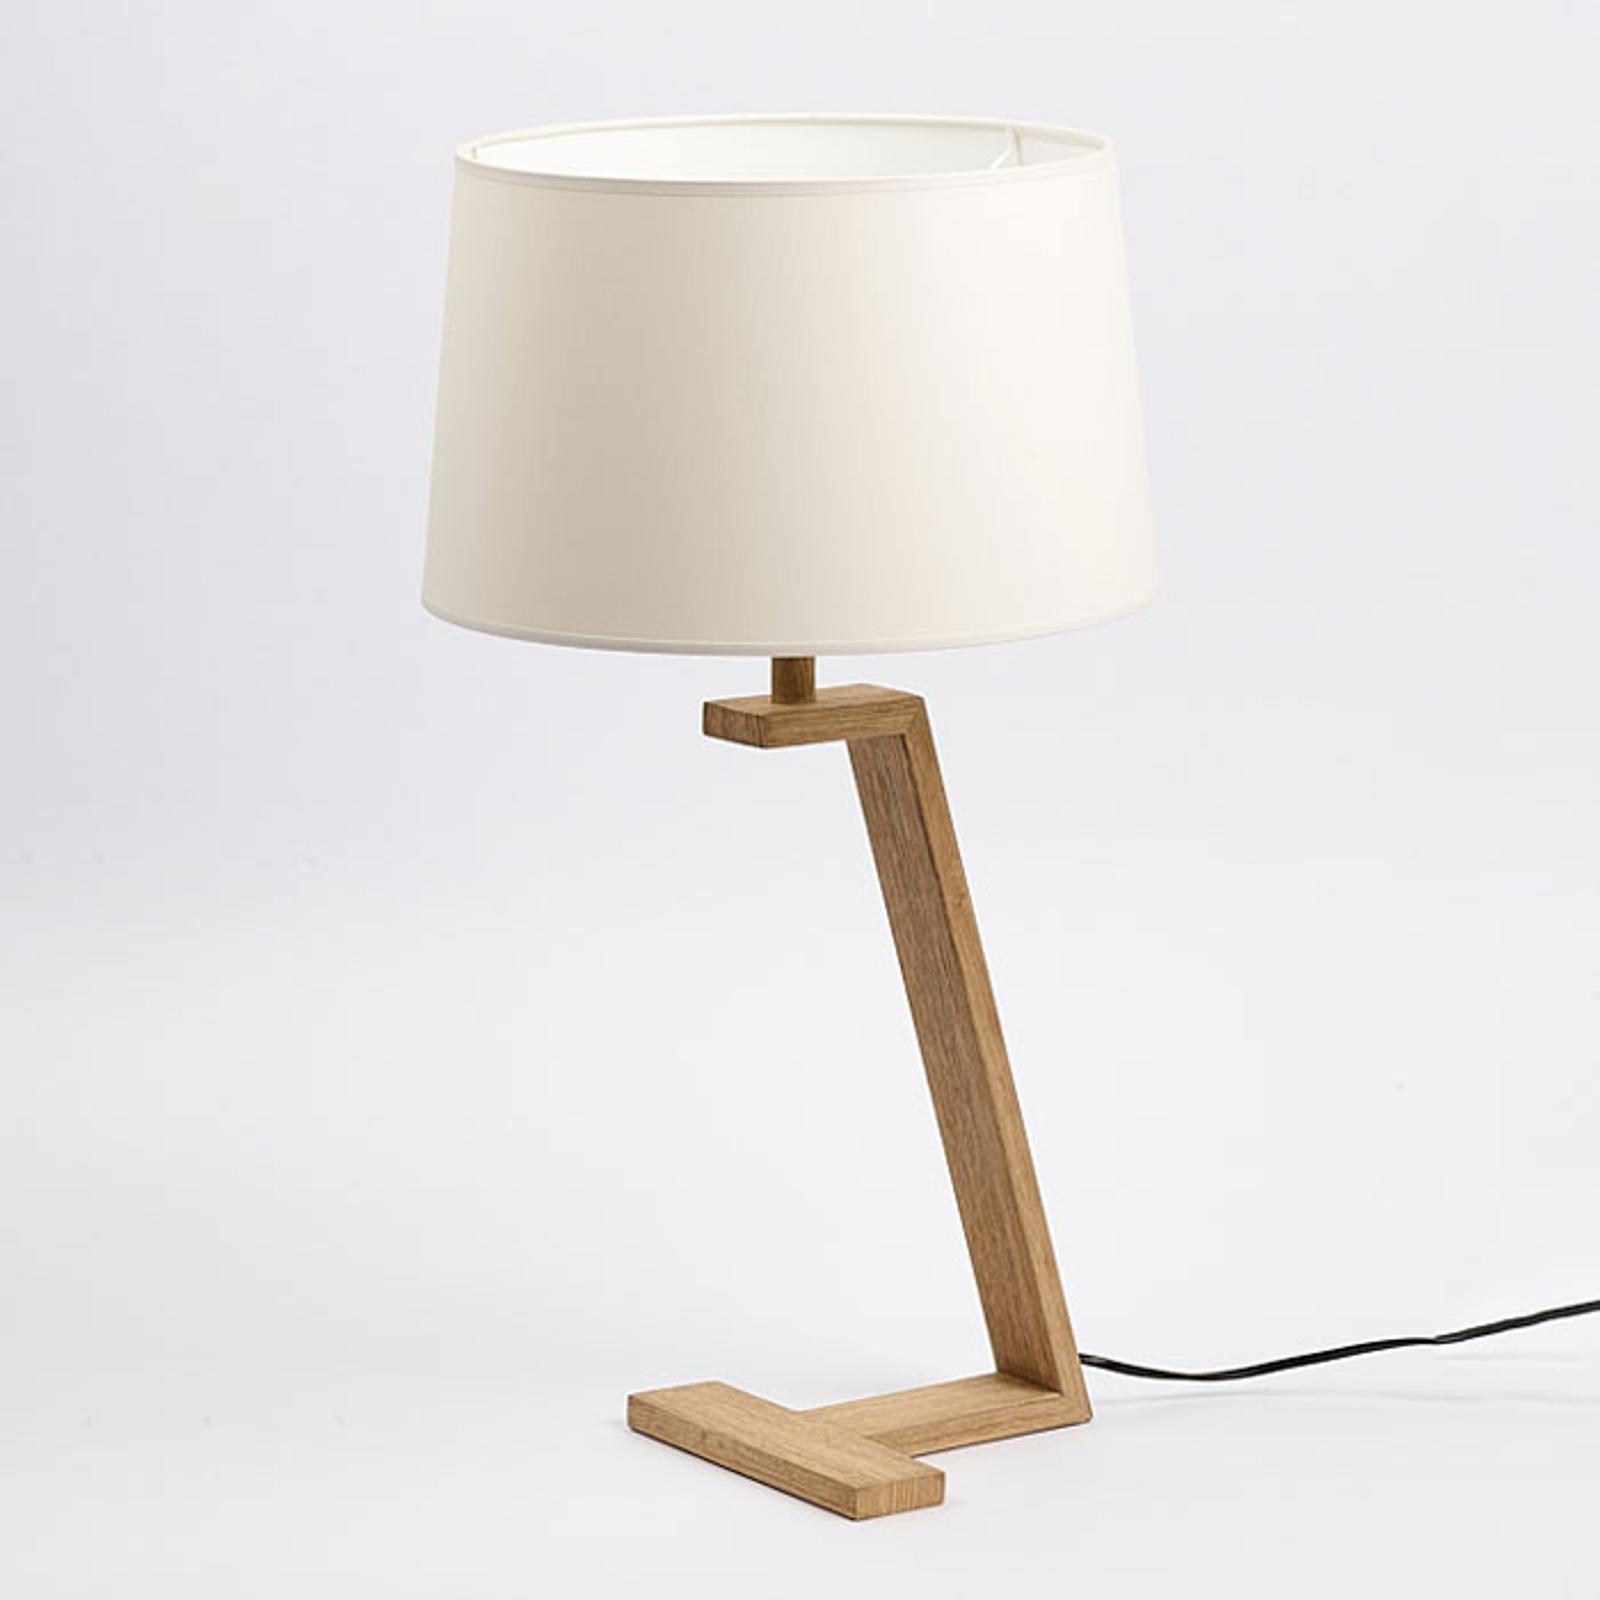 Lampe à poser Memphis LT en bois et tissu, blanche